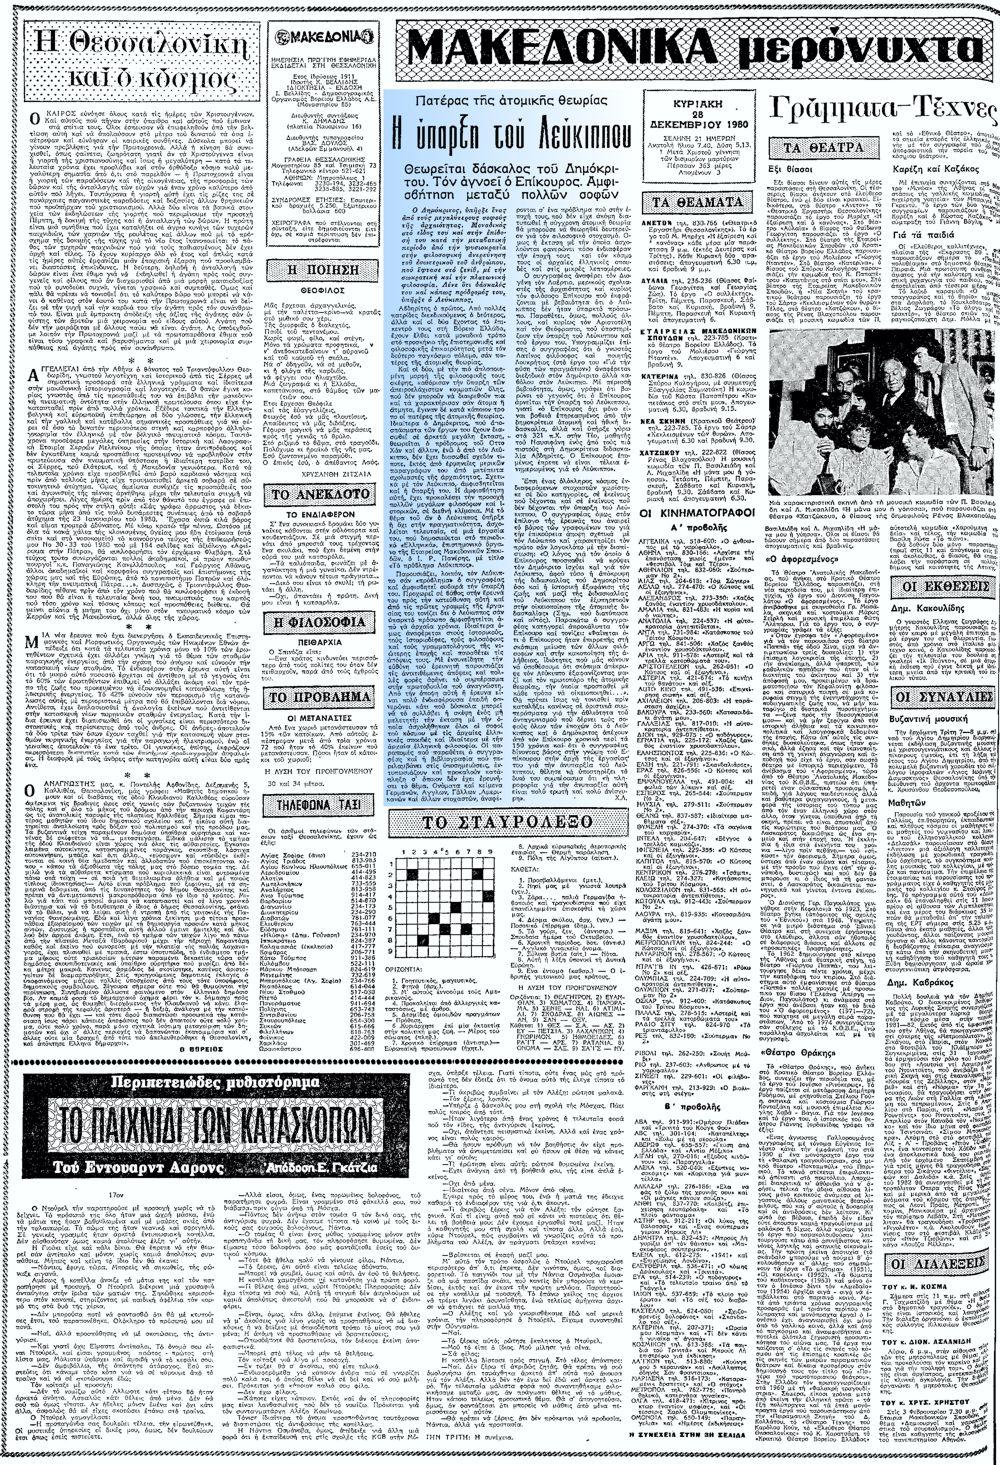 """Το άρθρο, όπως δημοσιεύθηκε στην εφημερίδα """"ΜΑΚΕΔΟΝΙΑ"""", στις 28/12/1980"""